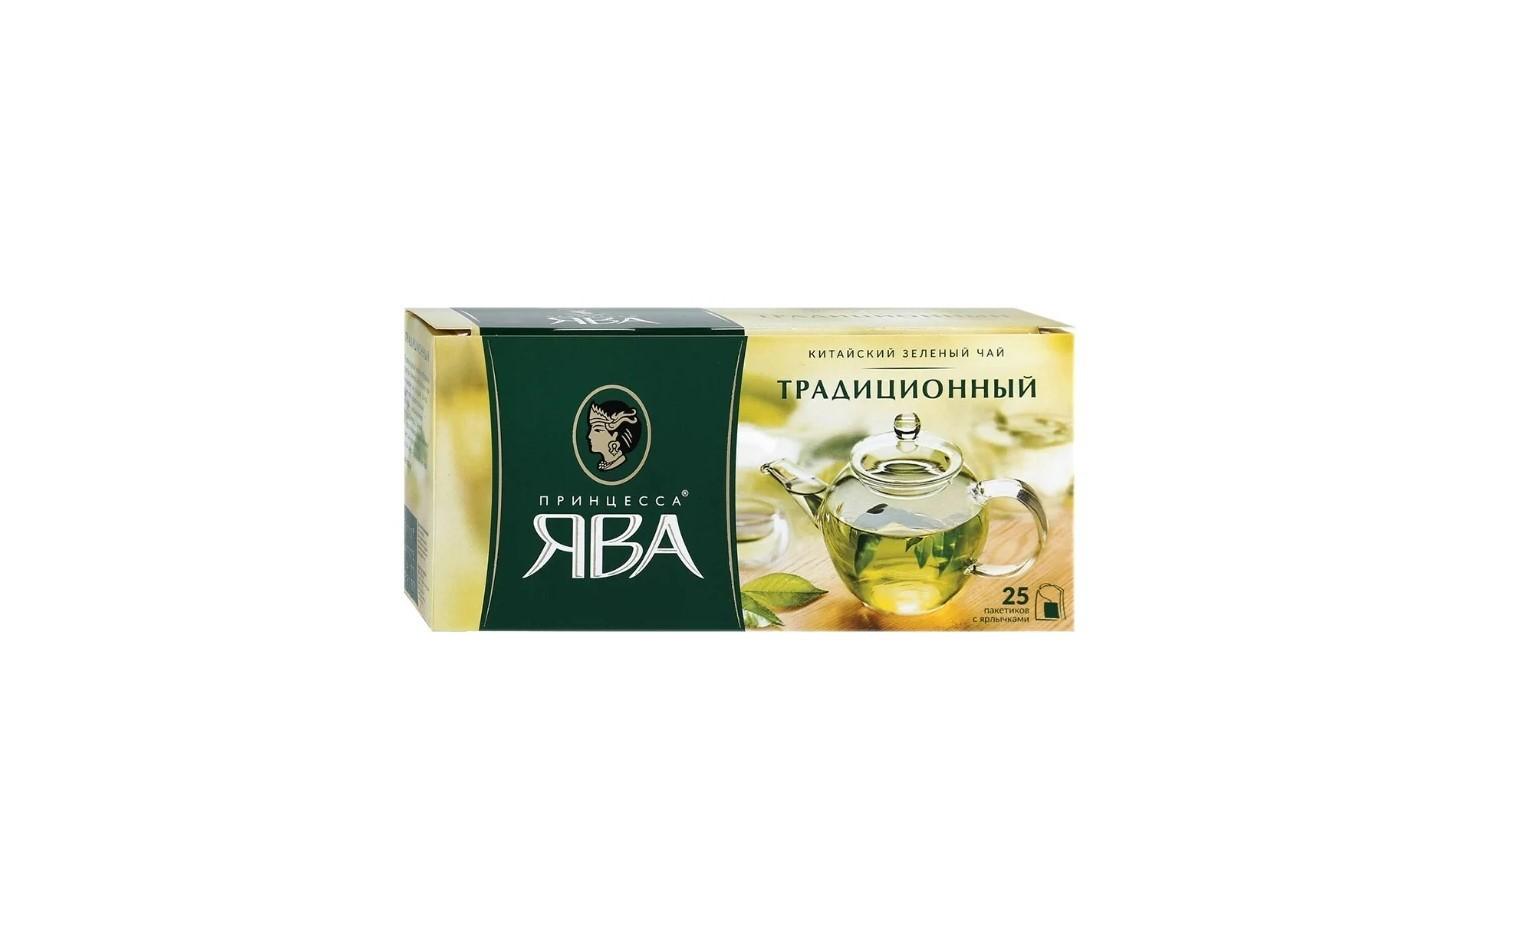 Принцесса ЯВА (зеленый чай) 25 пакетиков